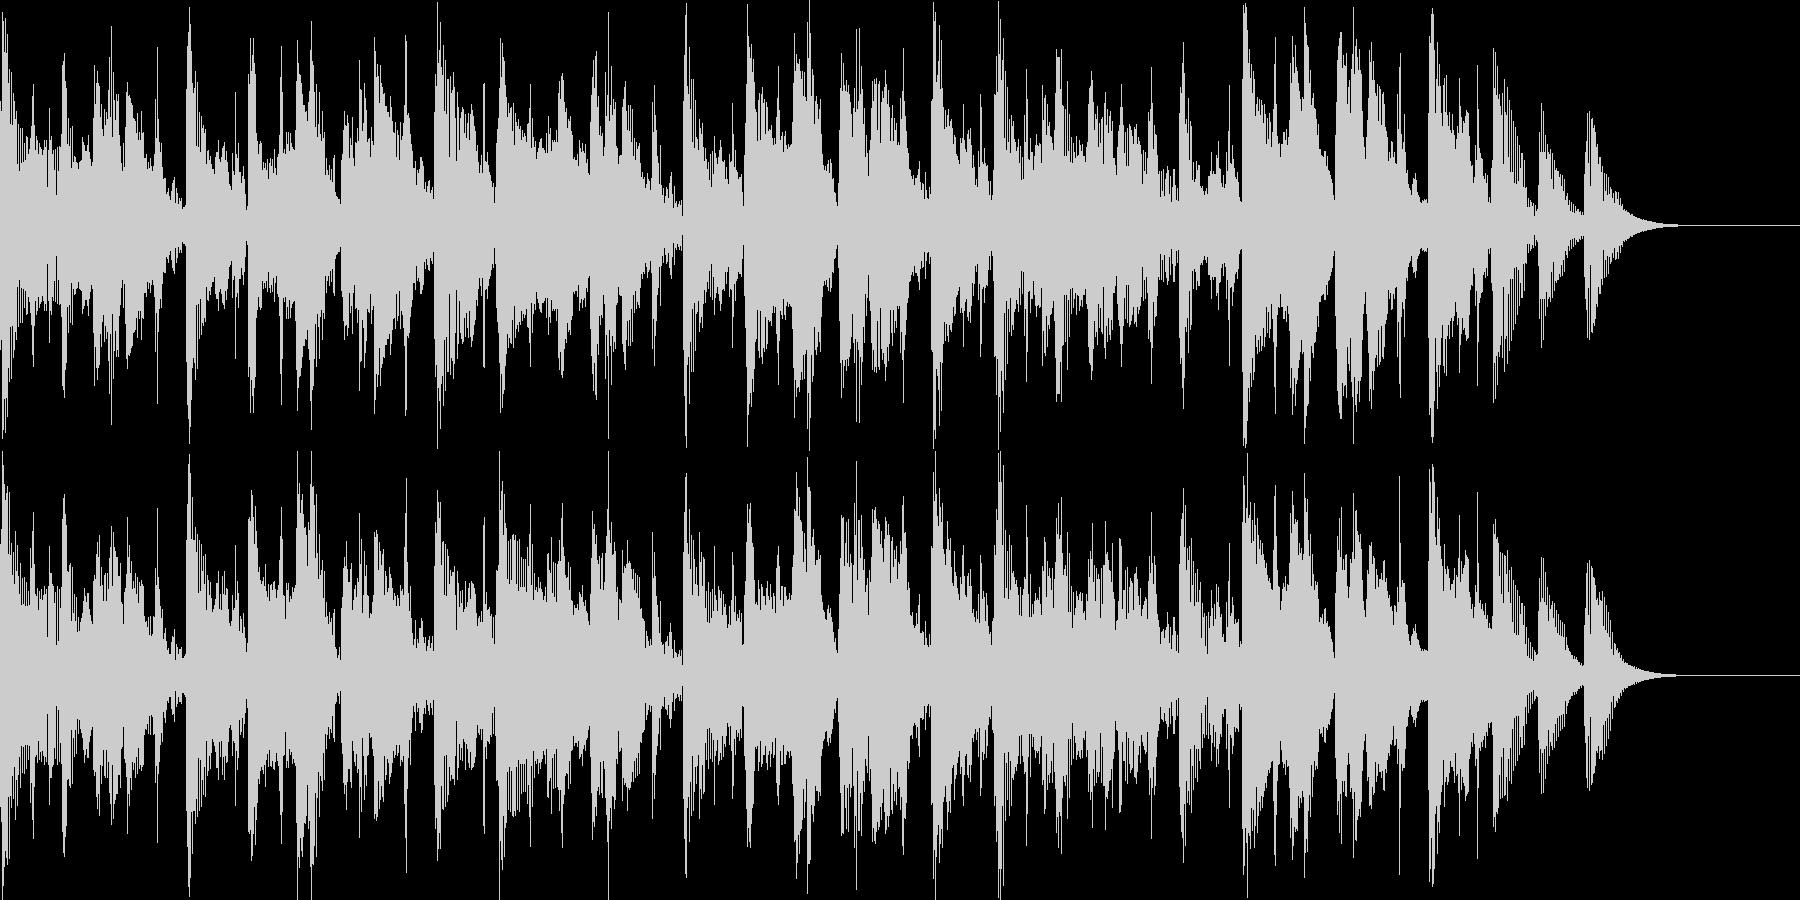 テクノのような雰囲気のBGMの未再生の波形